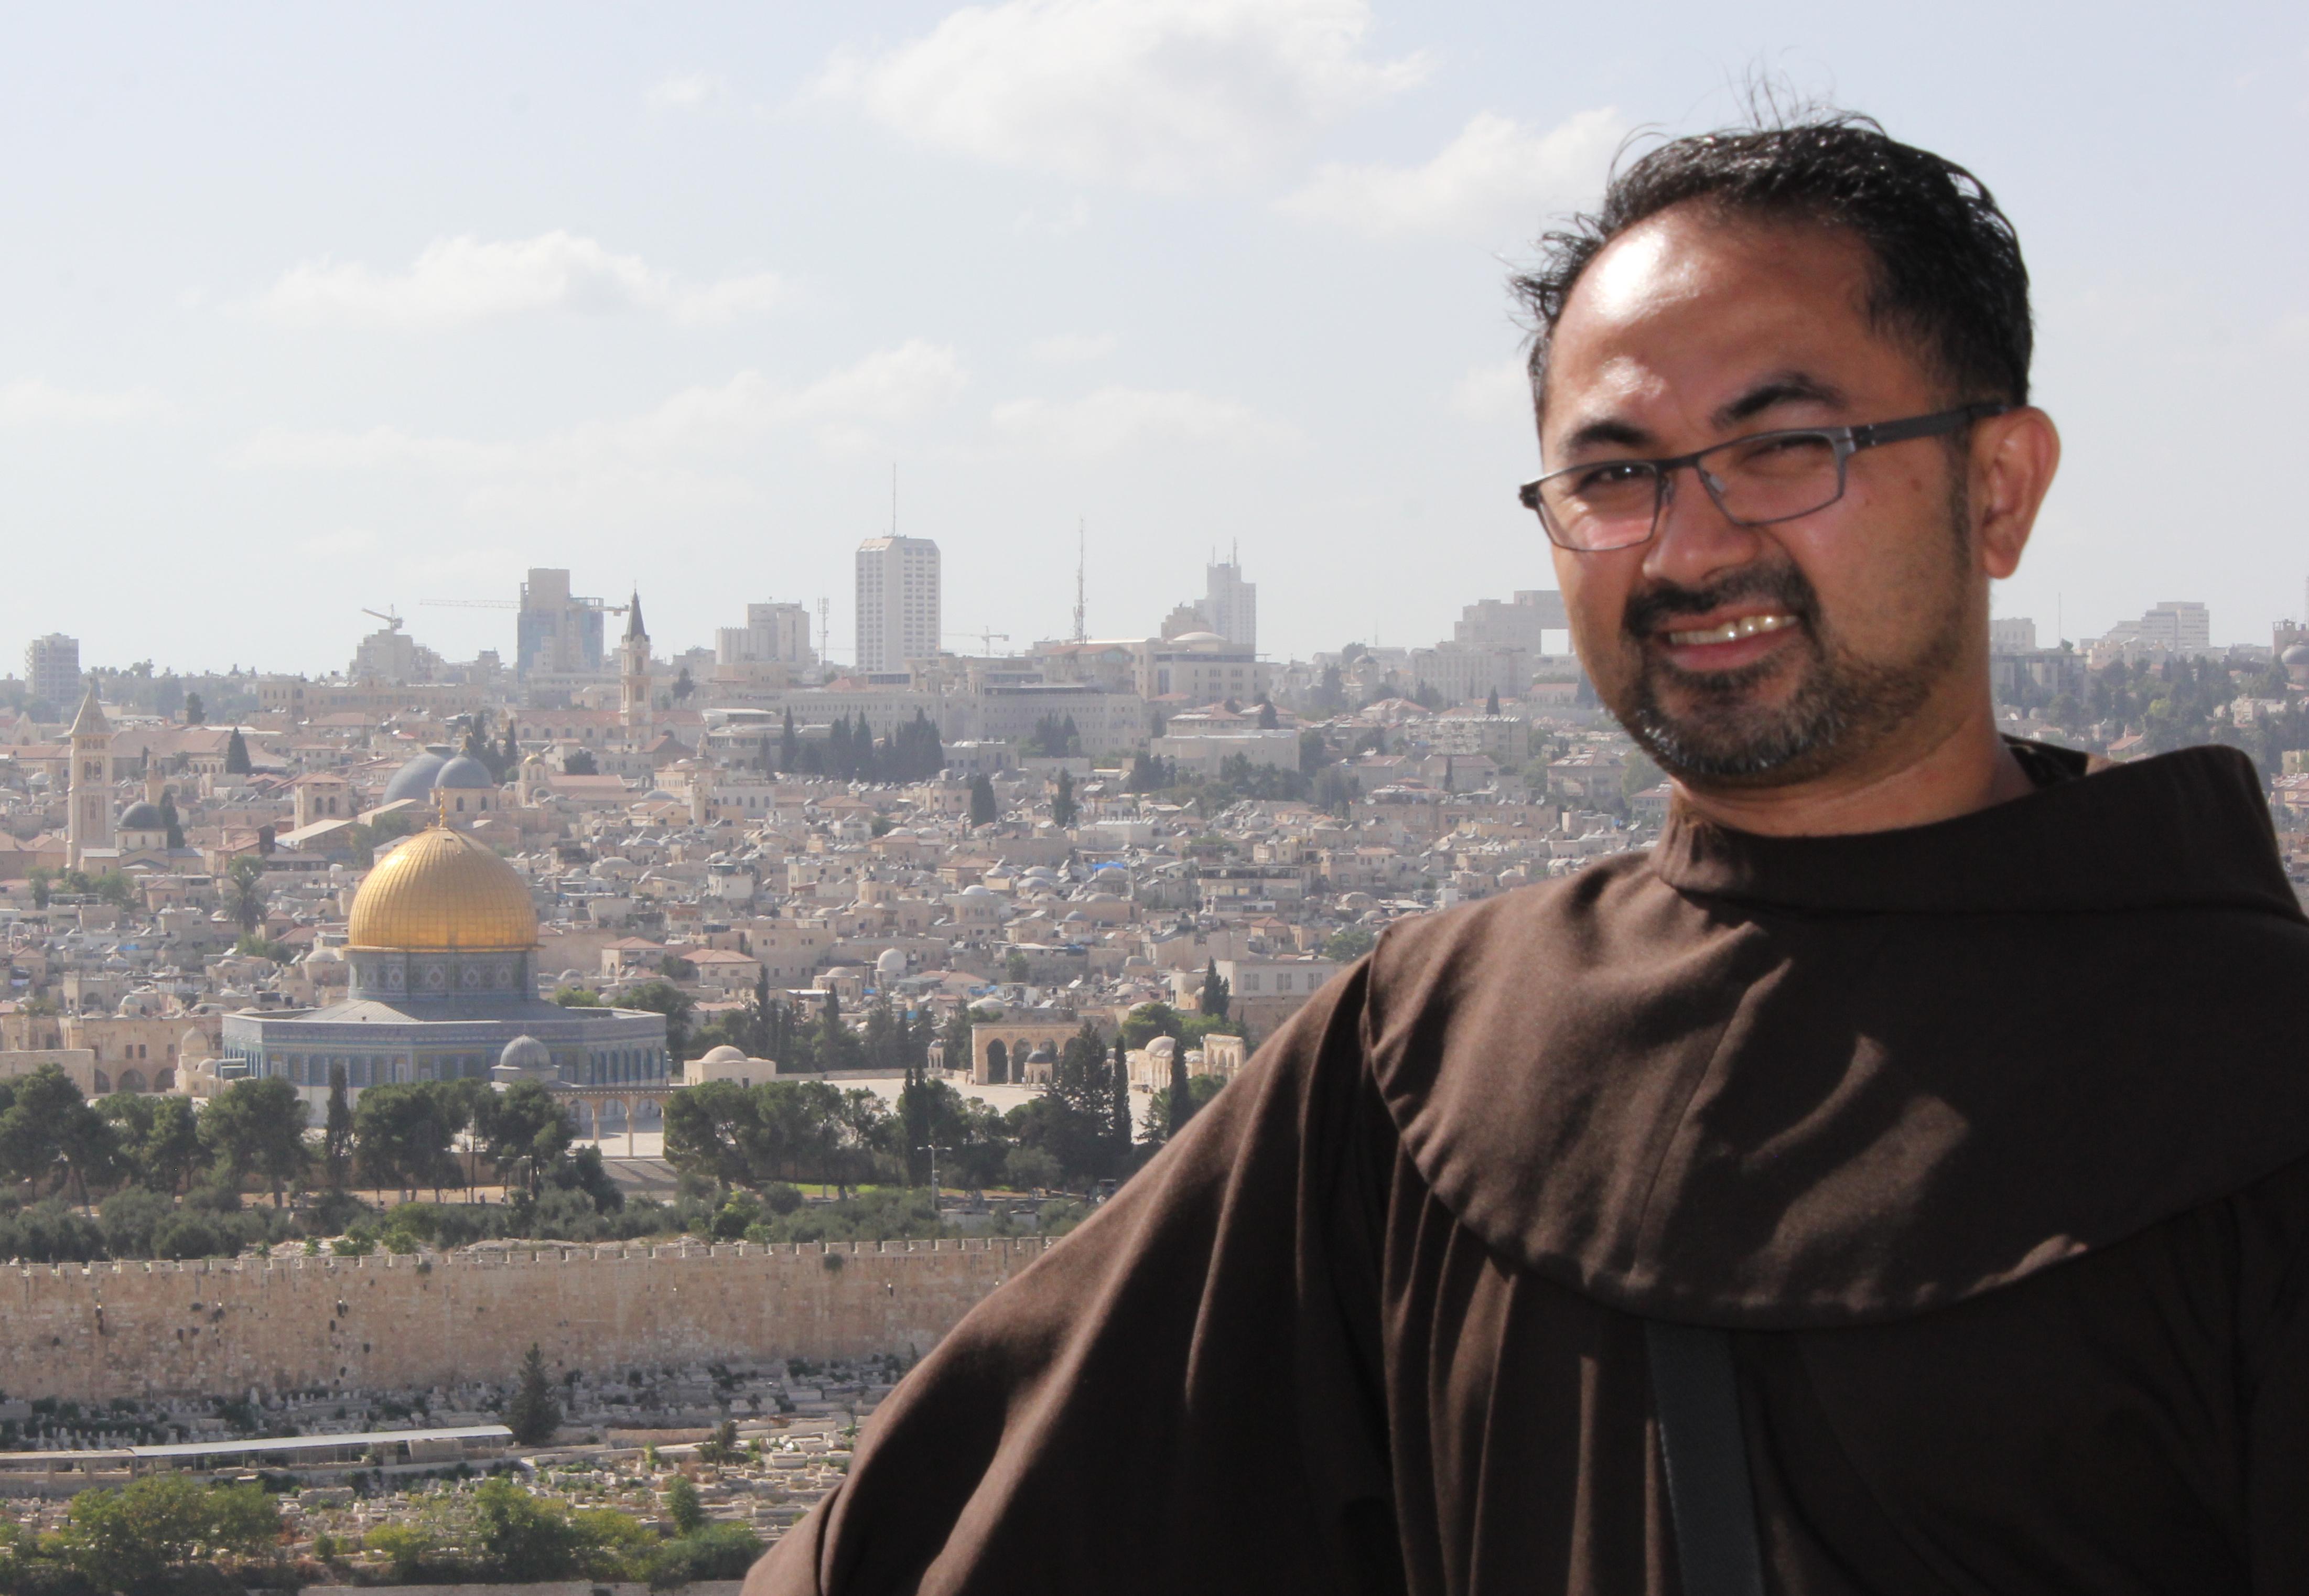 Un franciscain canadien en Terre sainte